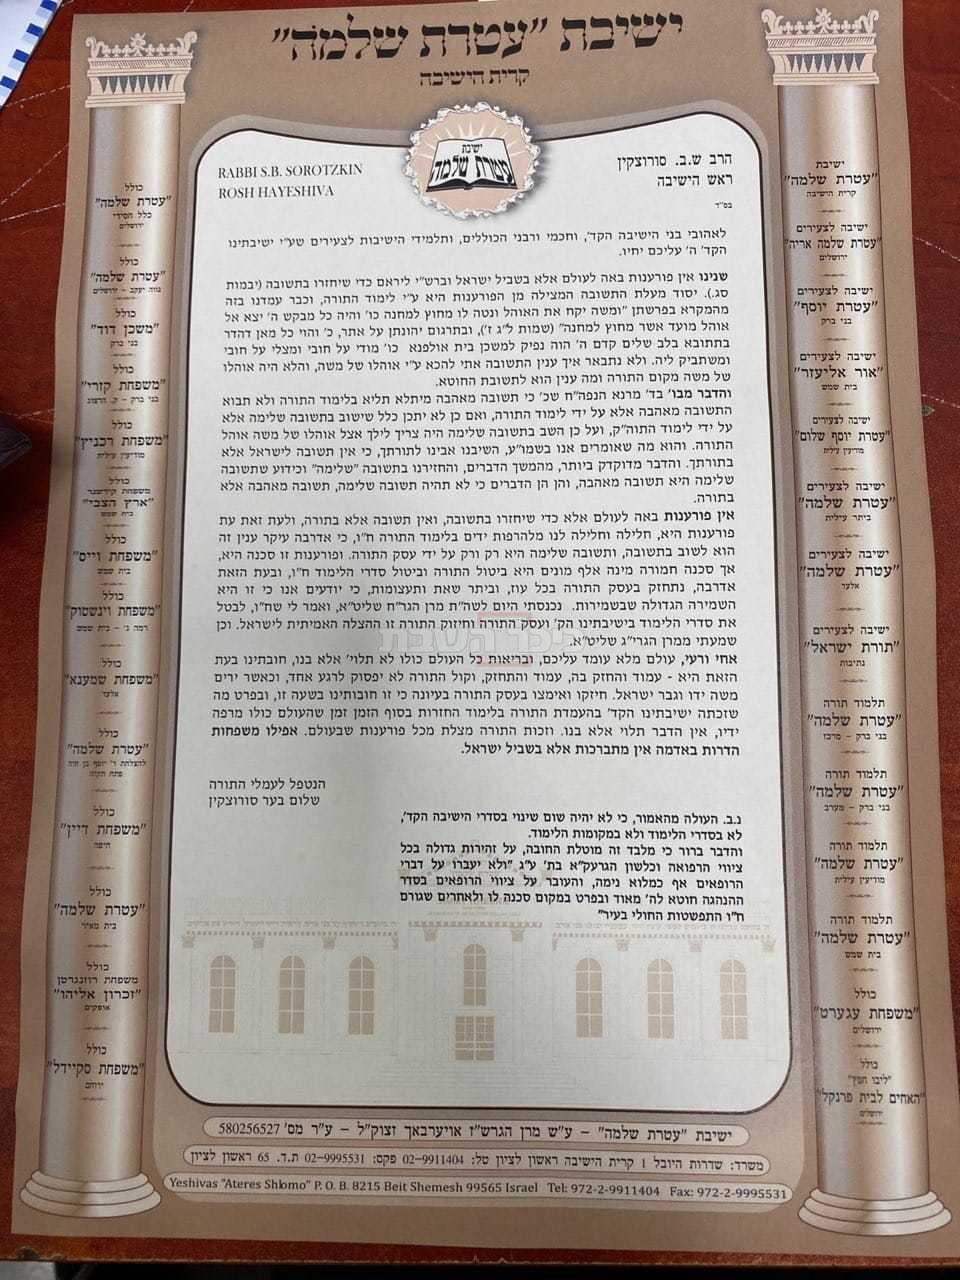 מכתבו של רש''ב סורוצקין (צילום מסך)